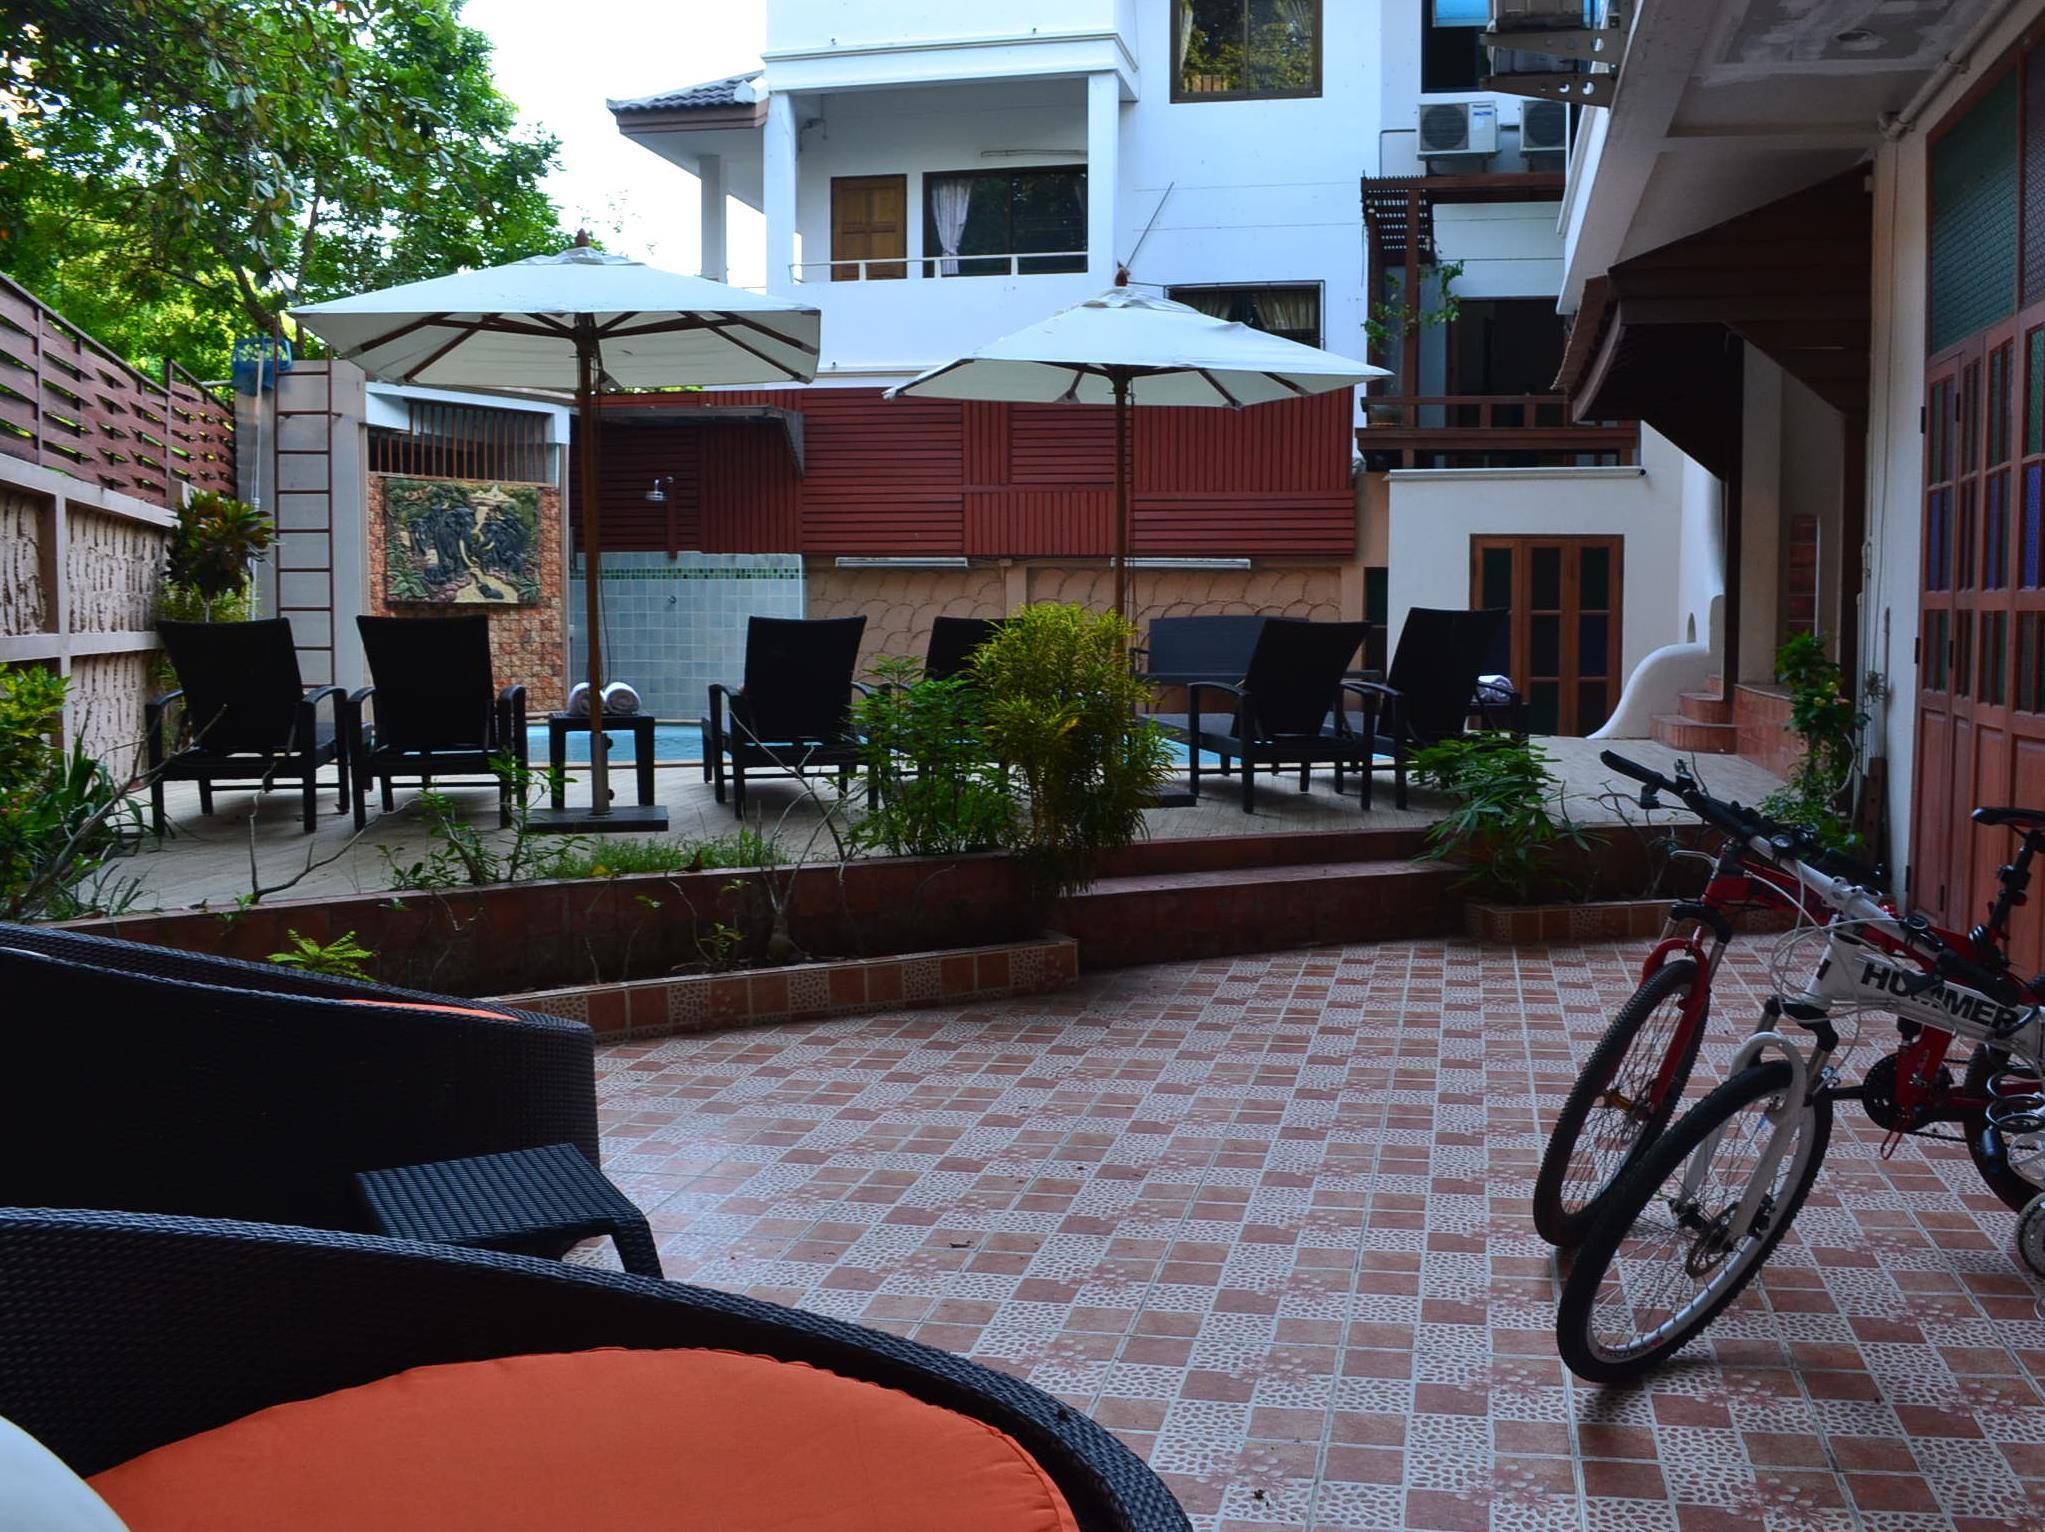 纳卡拉酒店,โรงแรมนครา พร็อพเพอร์ตี้